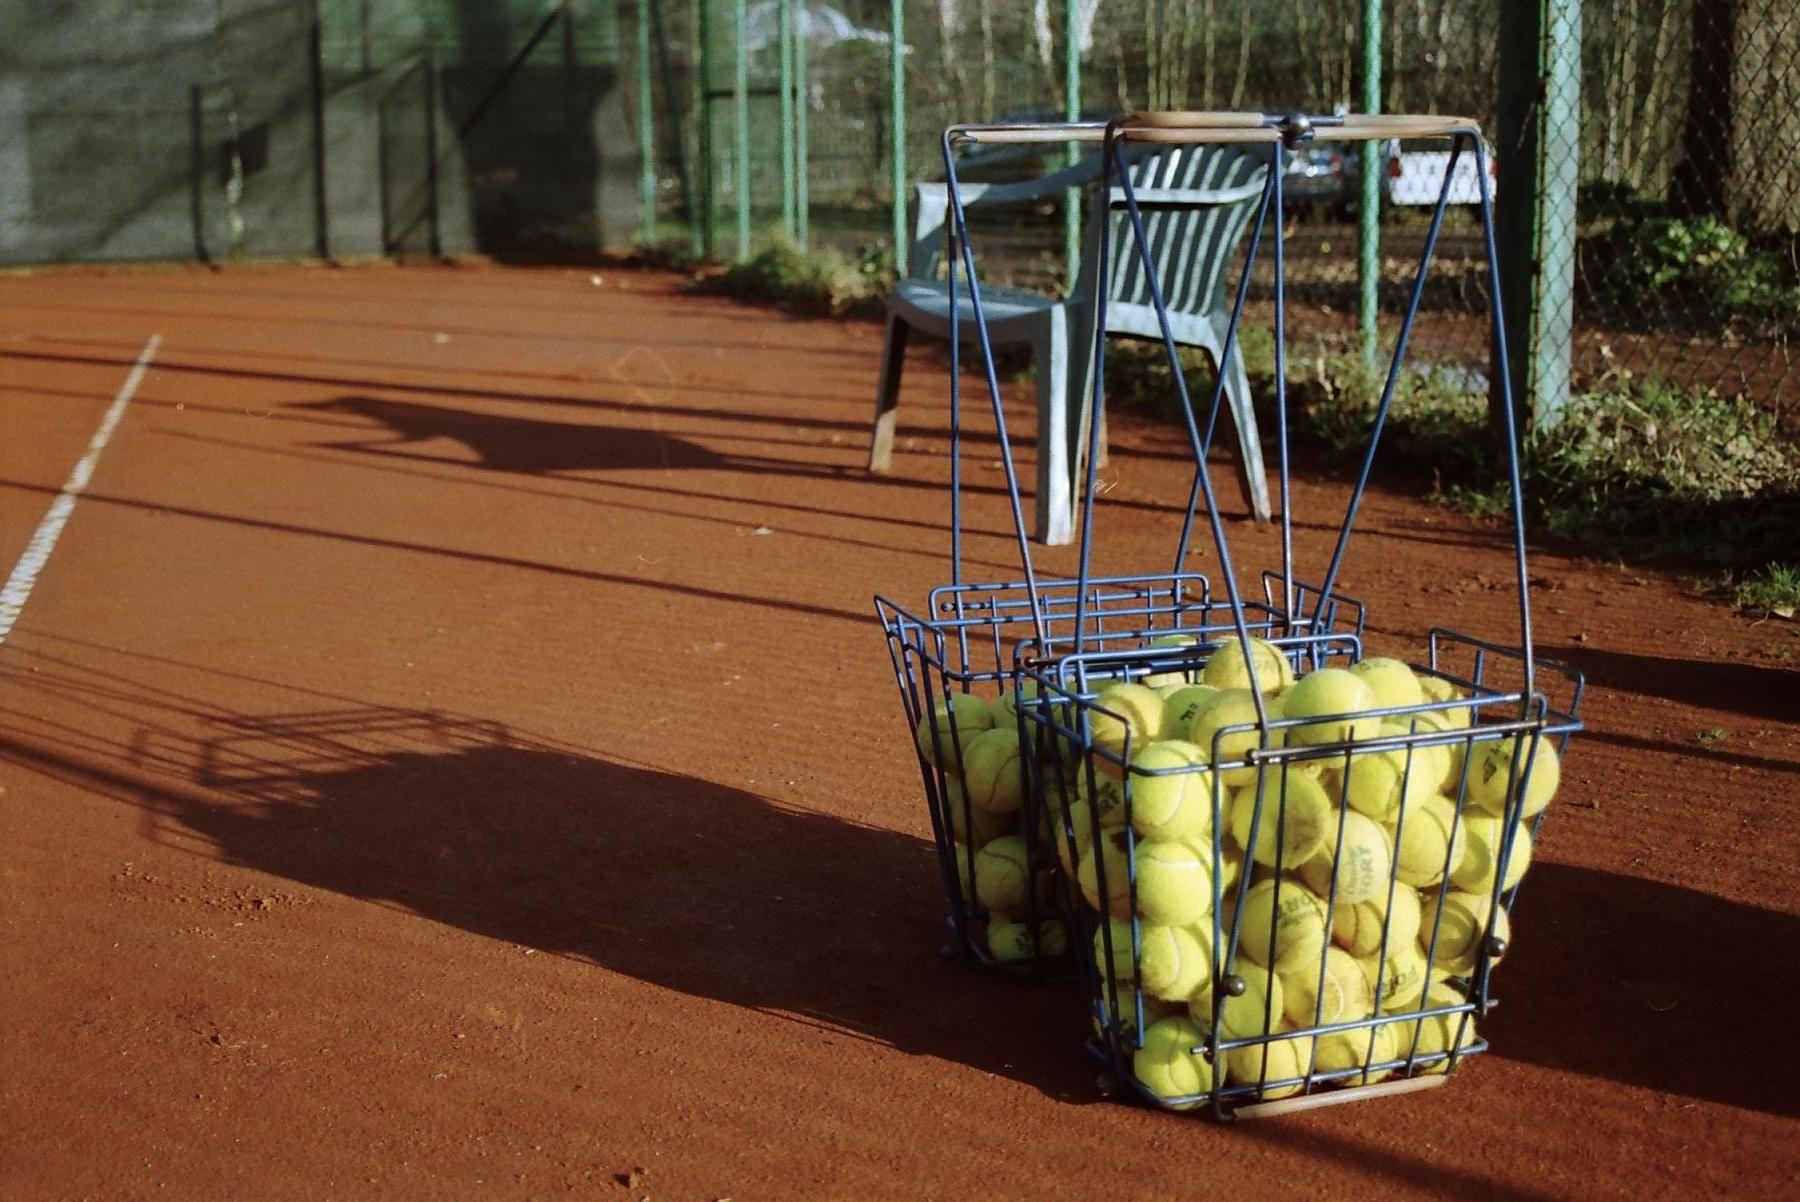 Tennis balls tennis camp kids tennis event